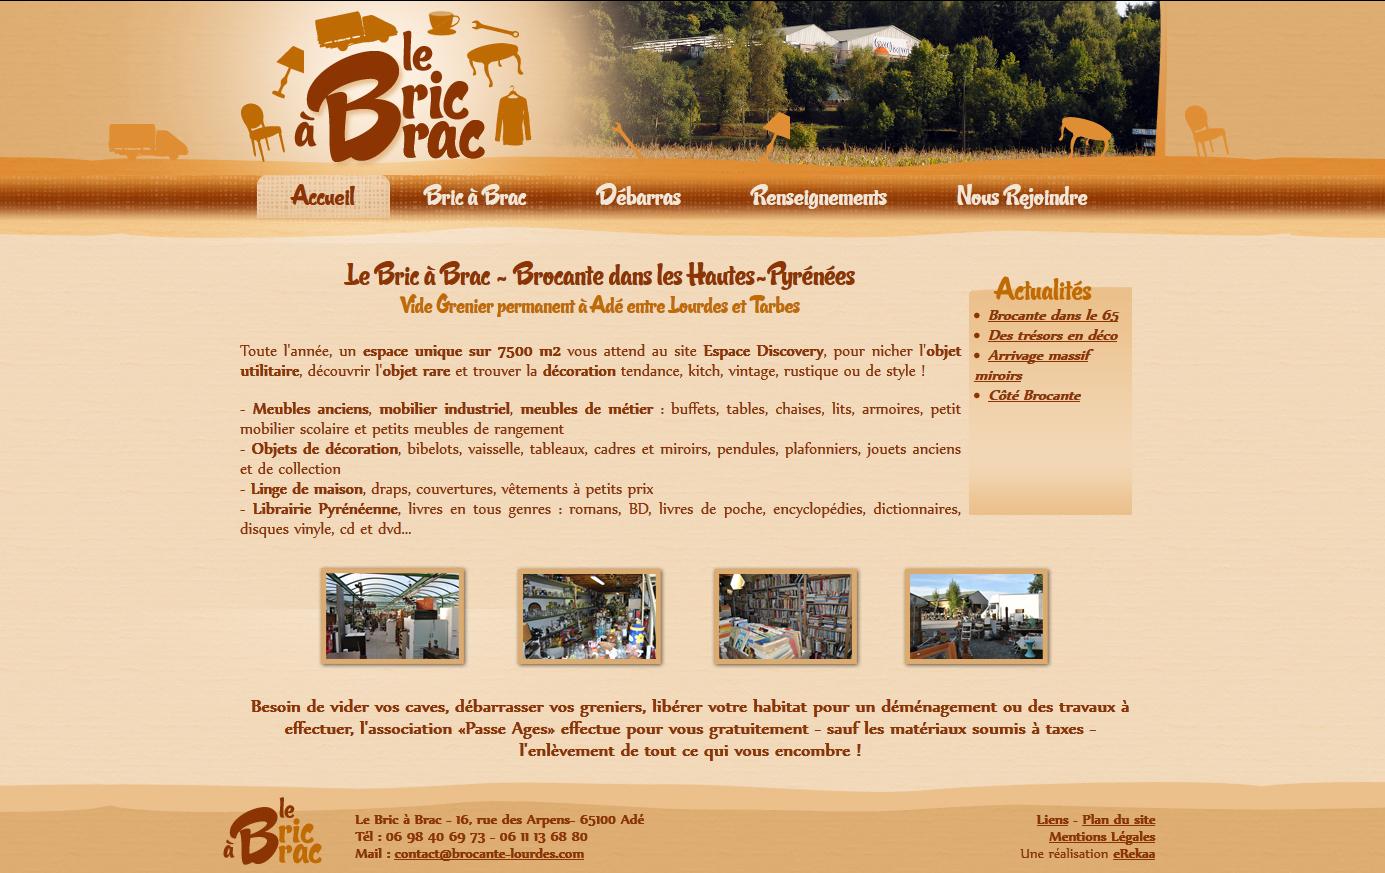 Le Bric A Brac